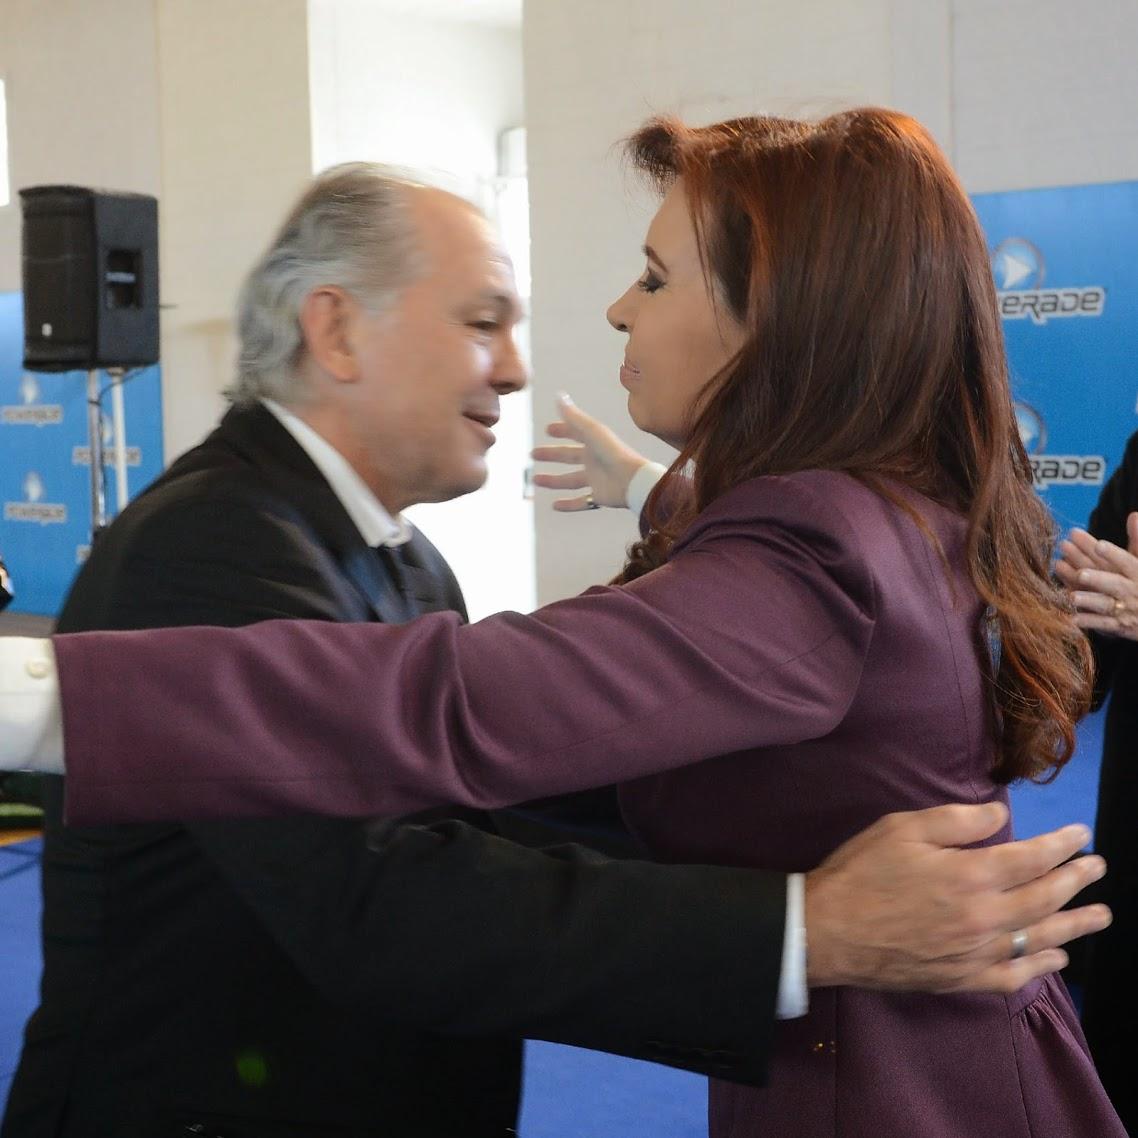 http://1.bp.blogspot.com/-697HLvz_20s/U8QW_RXyfwI/AAAAAAAAlpo/0AME89-aZTY/s1138/Sabella+-+La+Patria+es+el+otro,+el+equipo+es+el+otro;+hablar+de+grupo,+significa+hablar+de+construcciones+colectivas.jpg